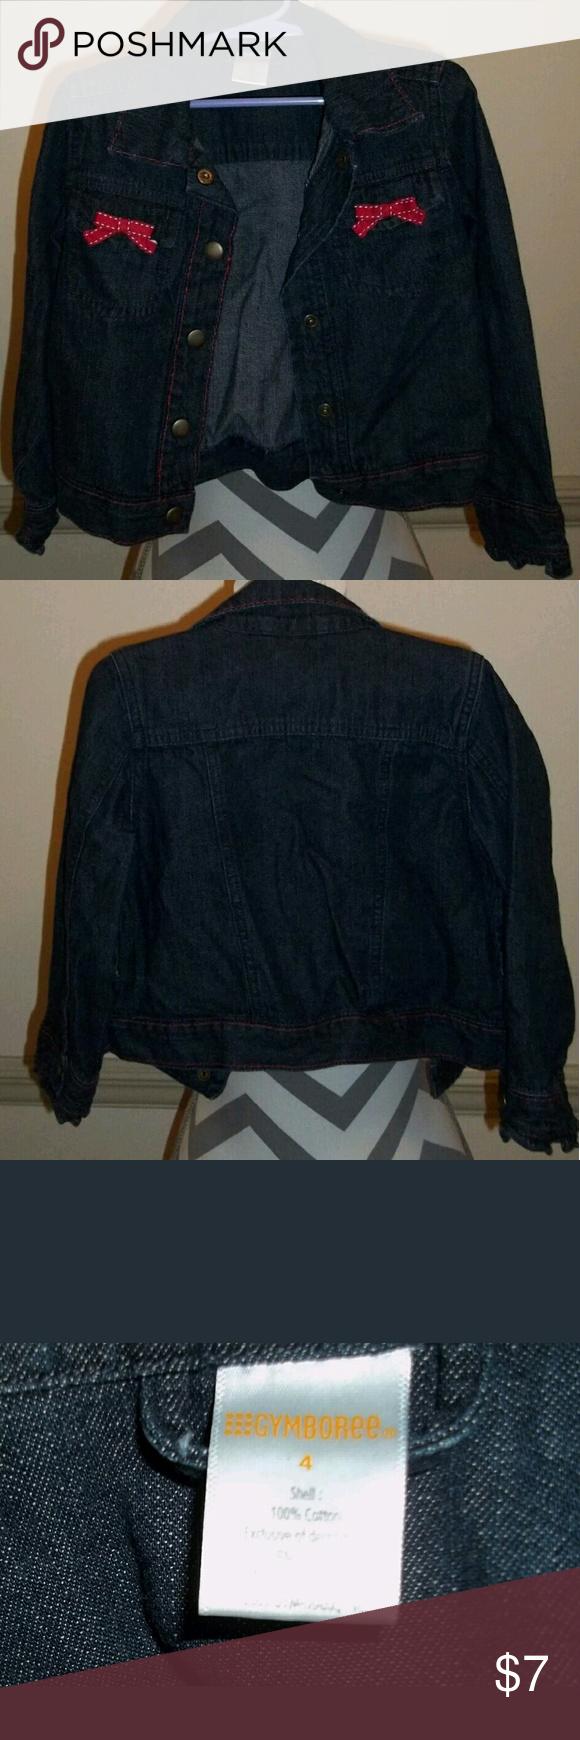 Girls Sz 4 Gymboree Denim Look Jacket Girls sz 4 Gymboree denim look jacket excellent used condition Gymboree Jackets & Coats Jean Jackets